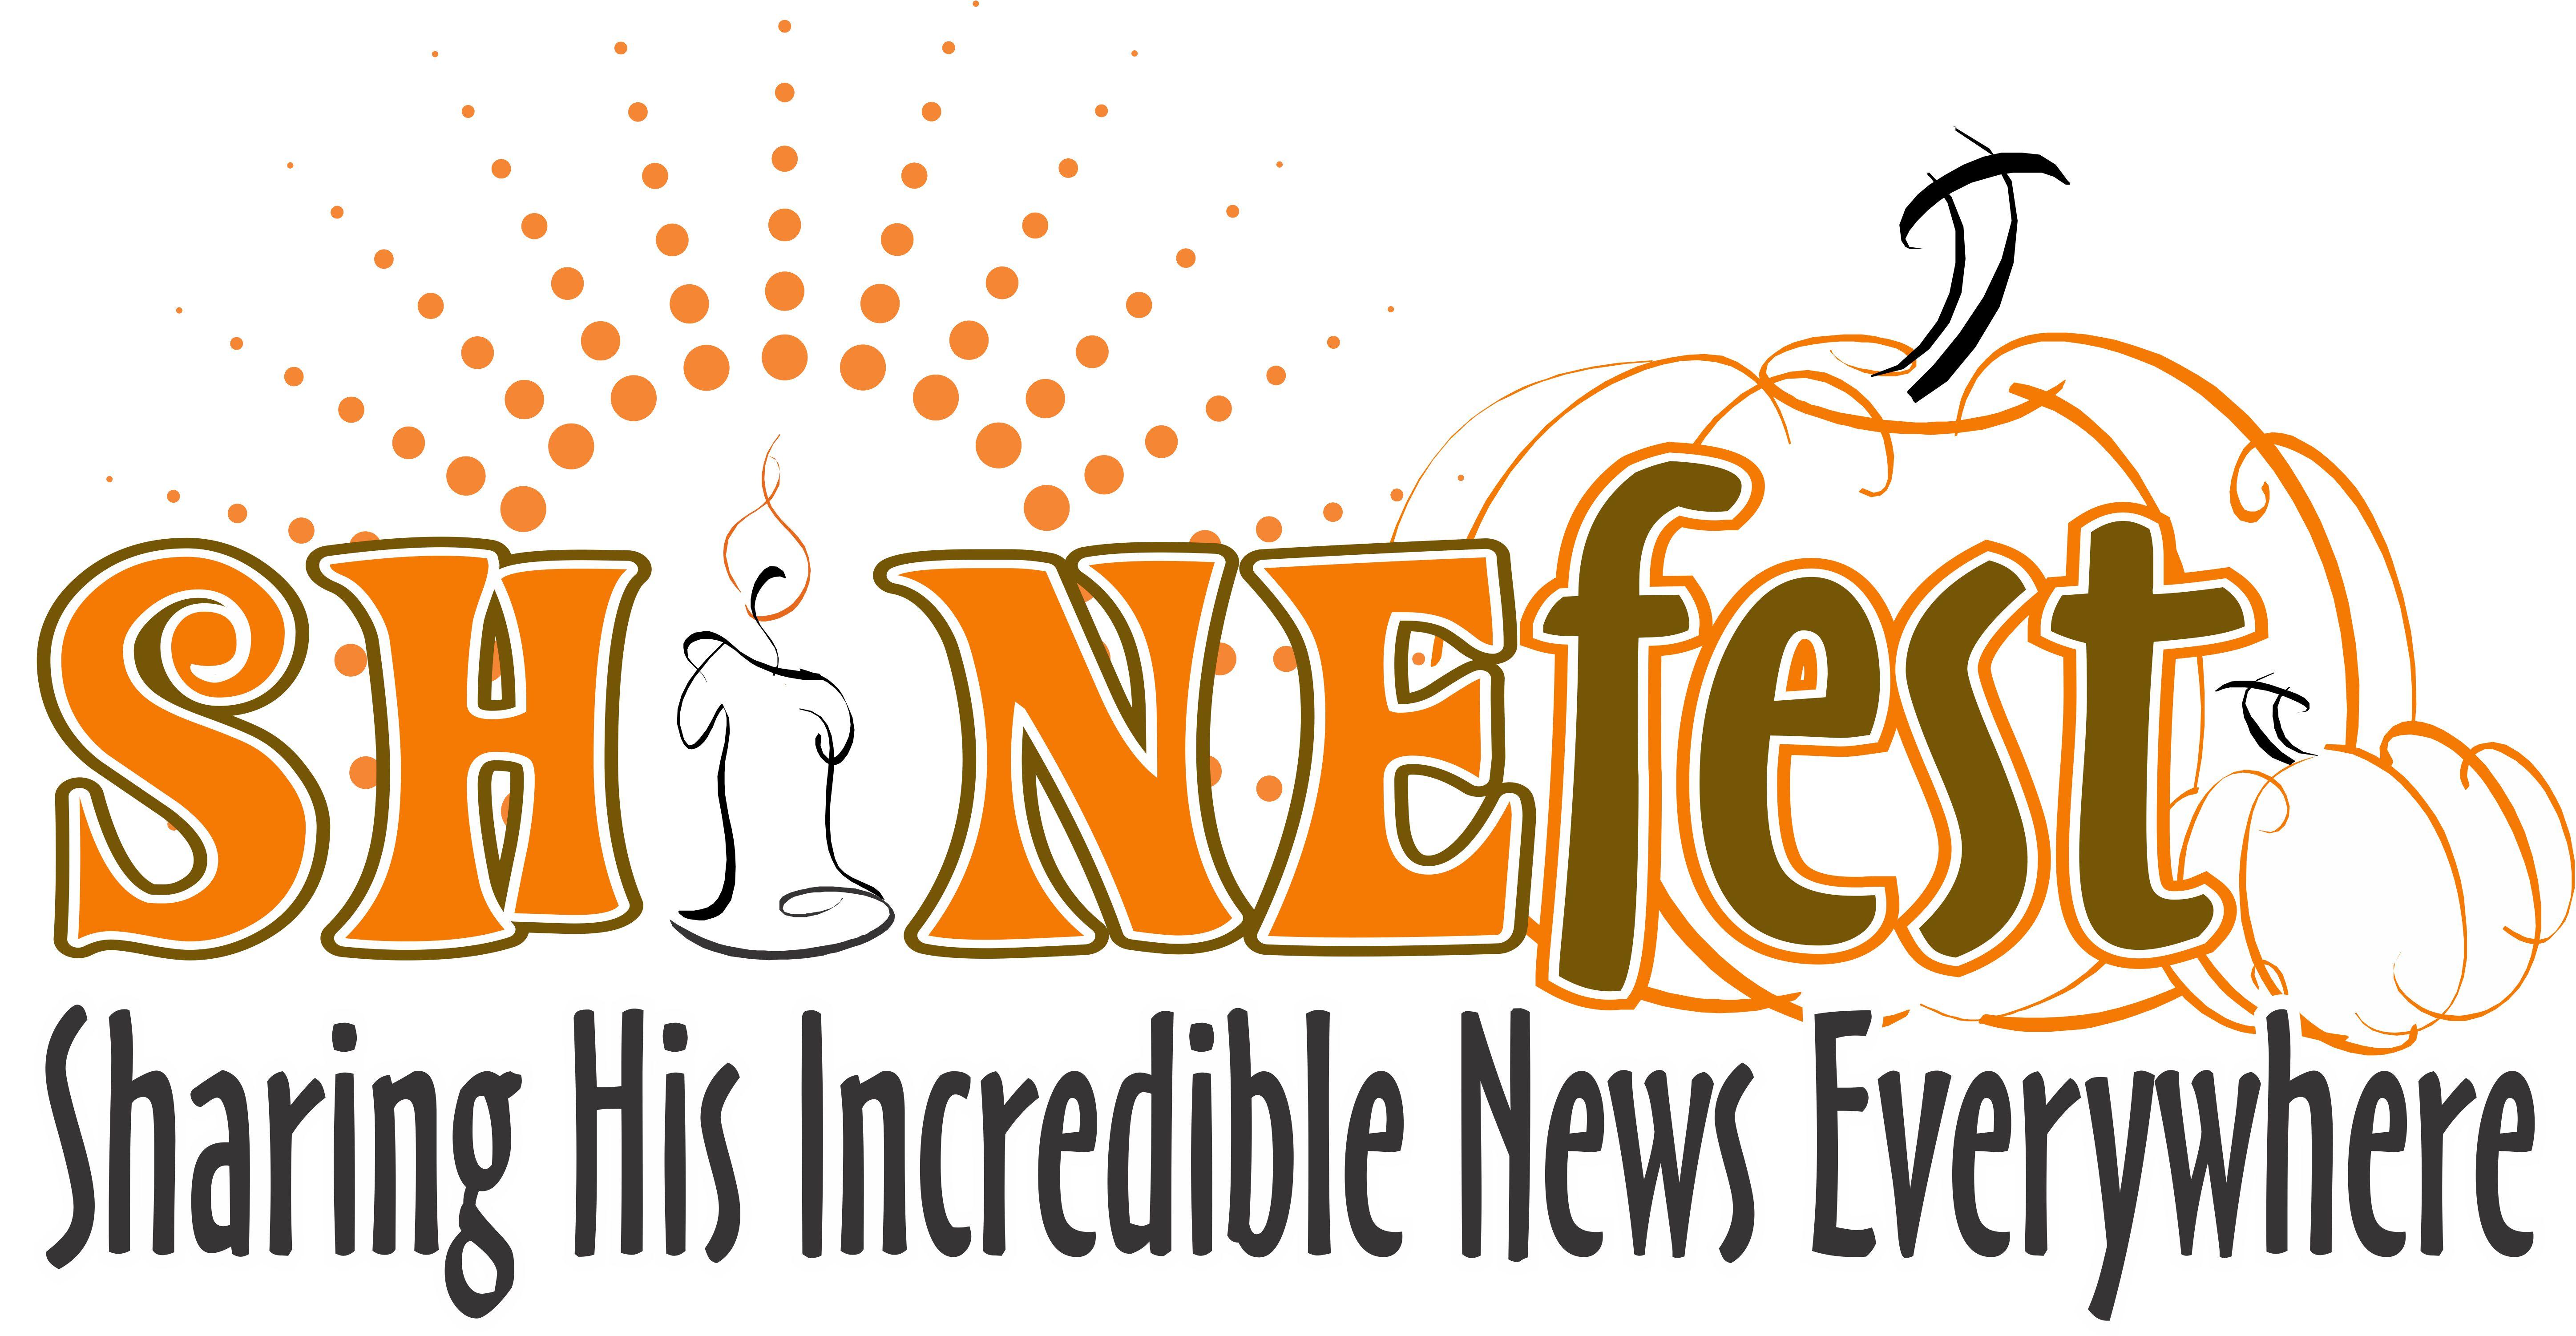 Shinefest logo sharing